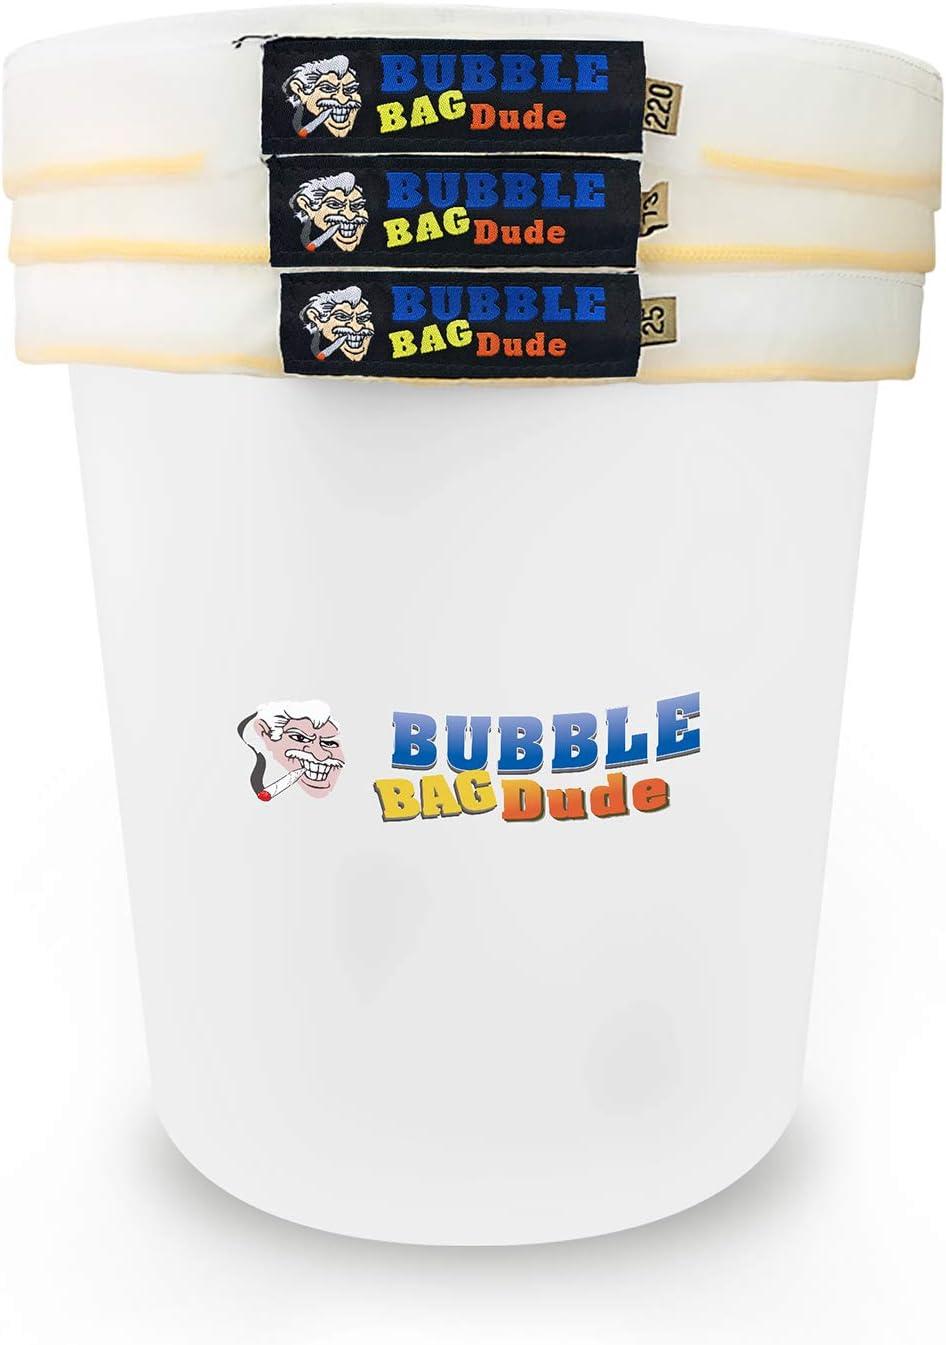 BUBBLEBAGDUDE - Kit de extracción de hielo para hash de hierbas, 5 galones, 3 bolsas de malla, viene con pantalla de prensado y bolsa de almacenamiento